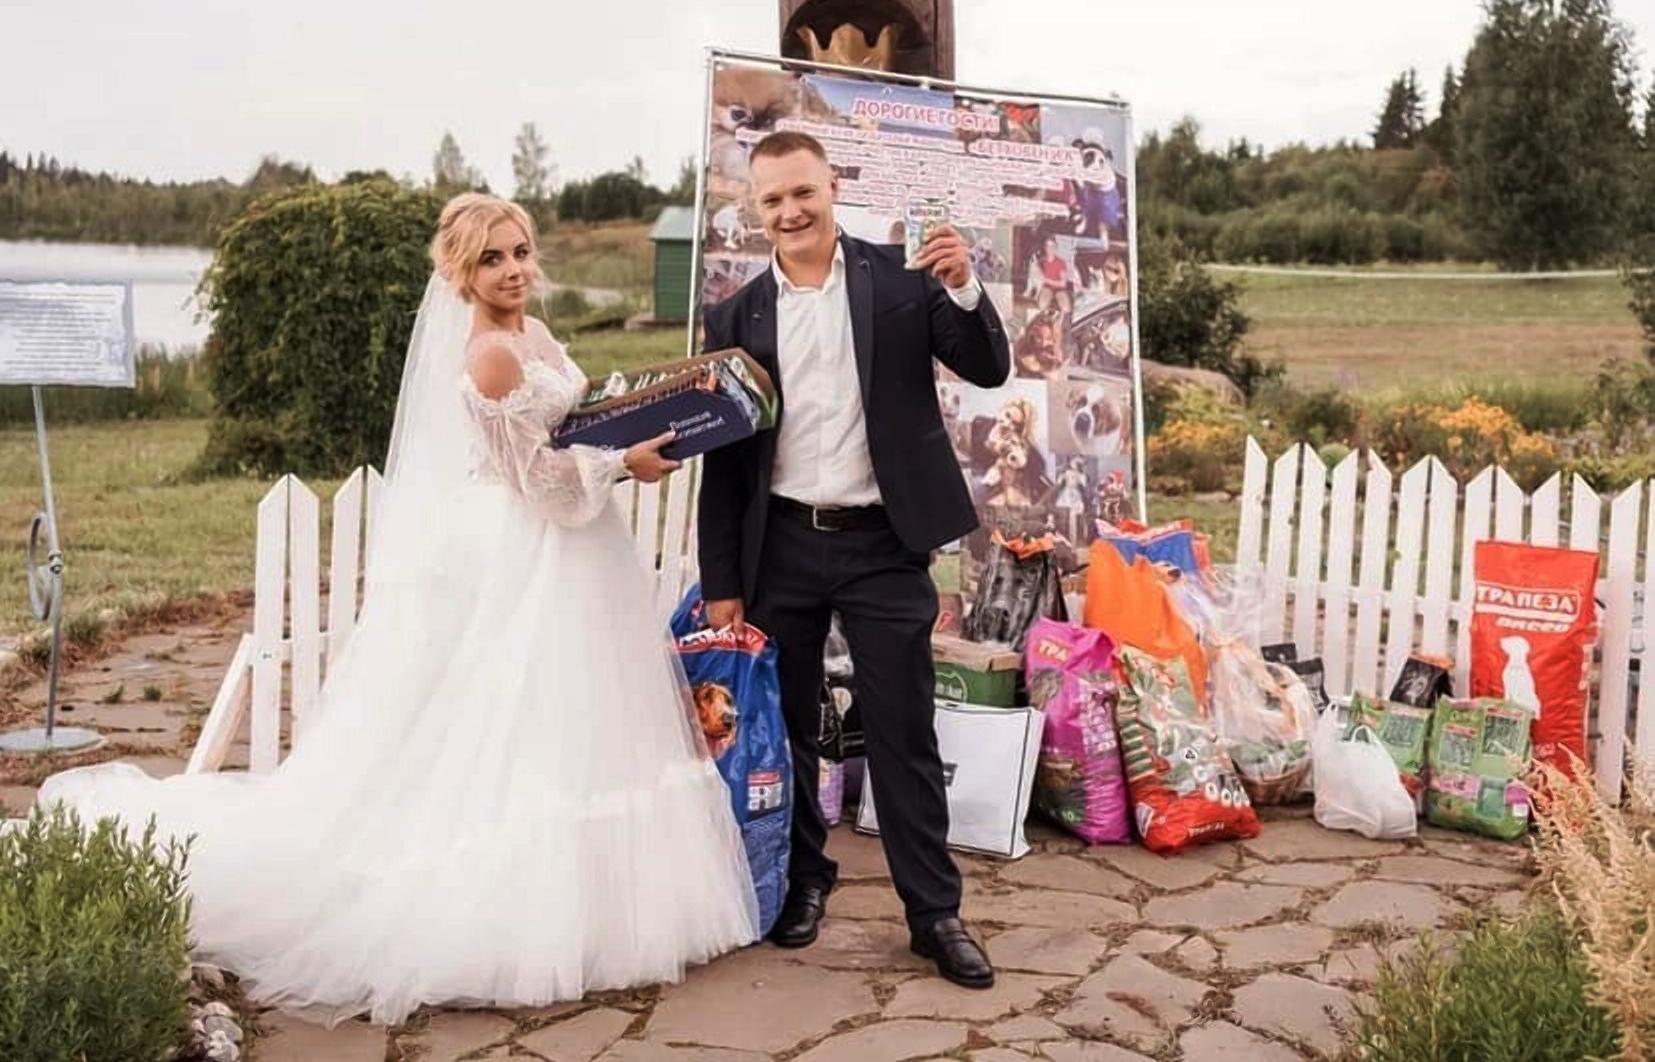 В Тверской области жених и невеста попросили на свадьбу вместо цветов дарить корм для бездомных животных - новости Афанасий